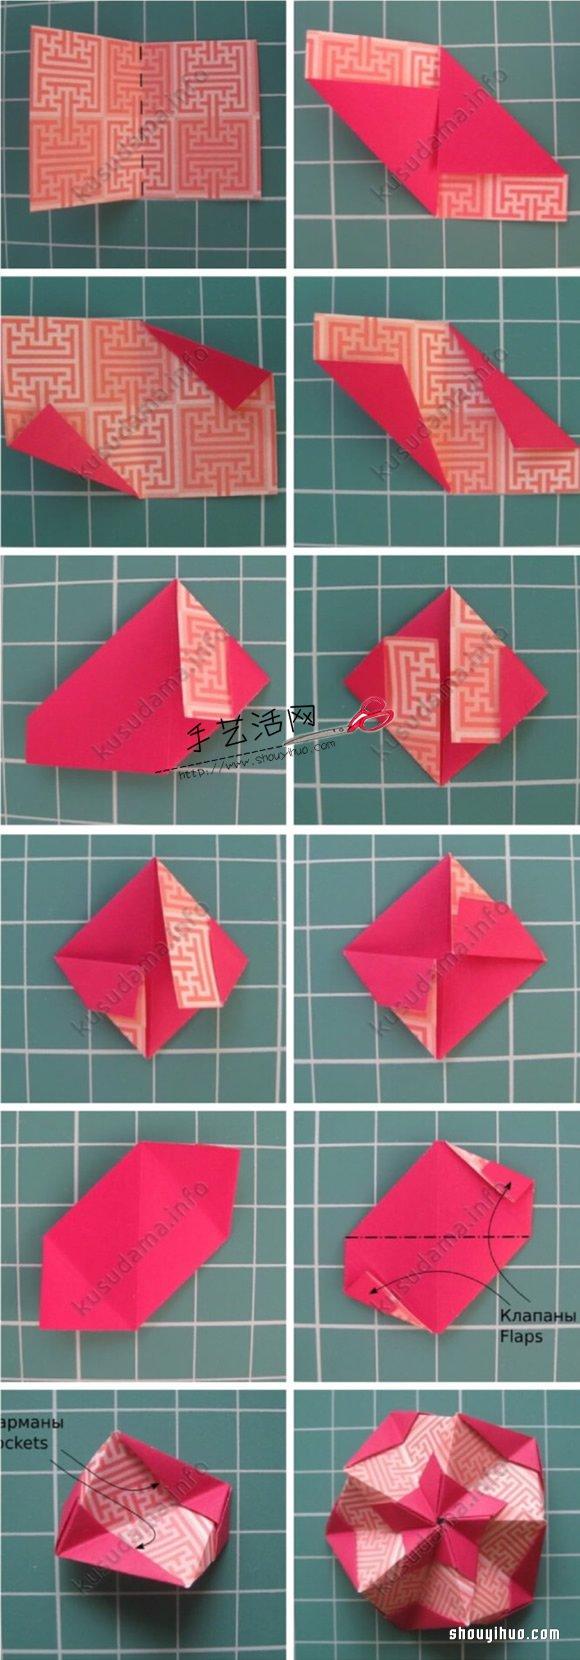 一款喜慶的摺紙花球的折法圖解教學